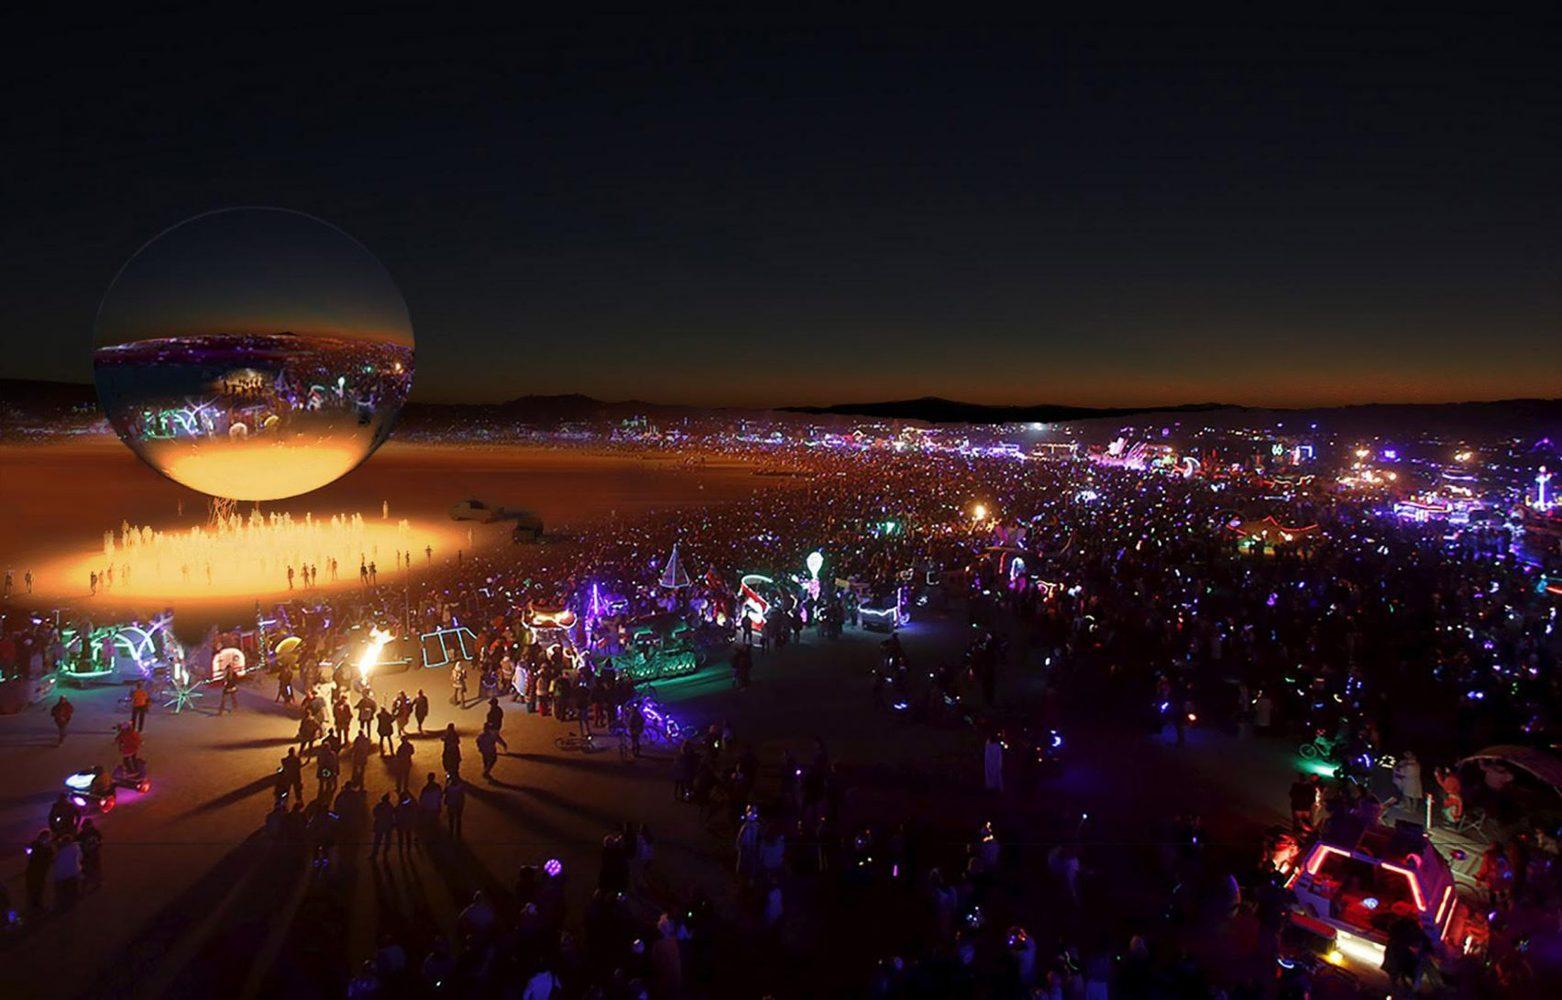 2 2 - Pari réussi pour BIG son ORB géant prend forme au festival Burning Man